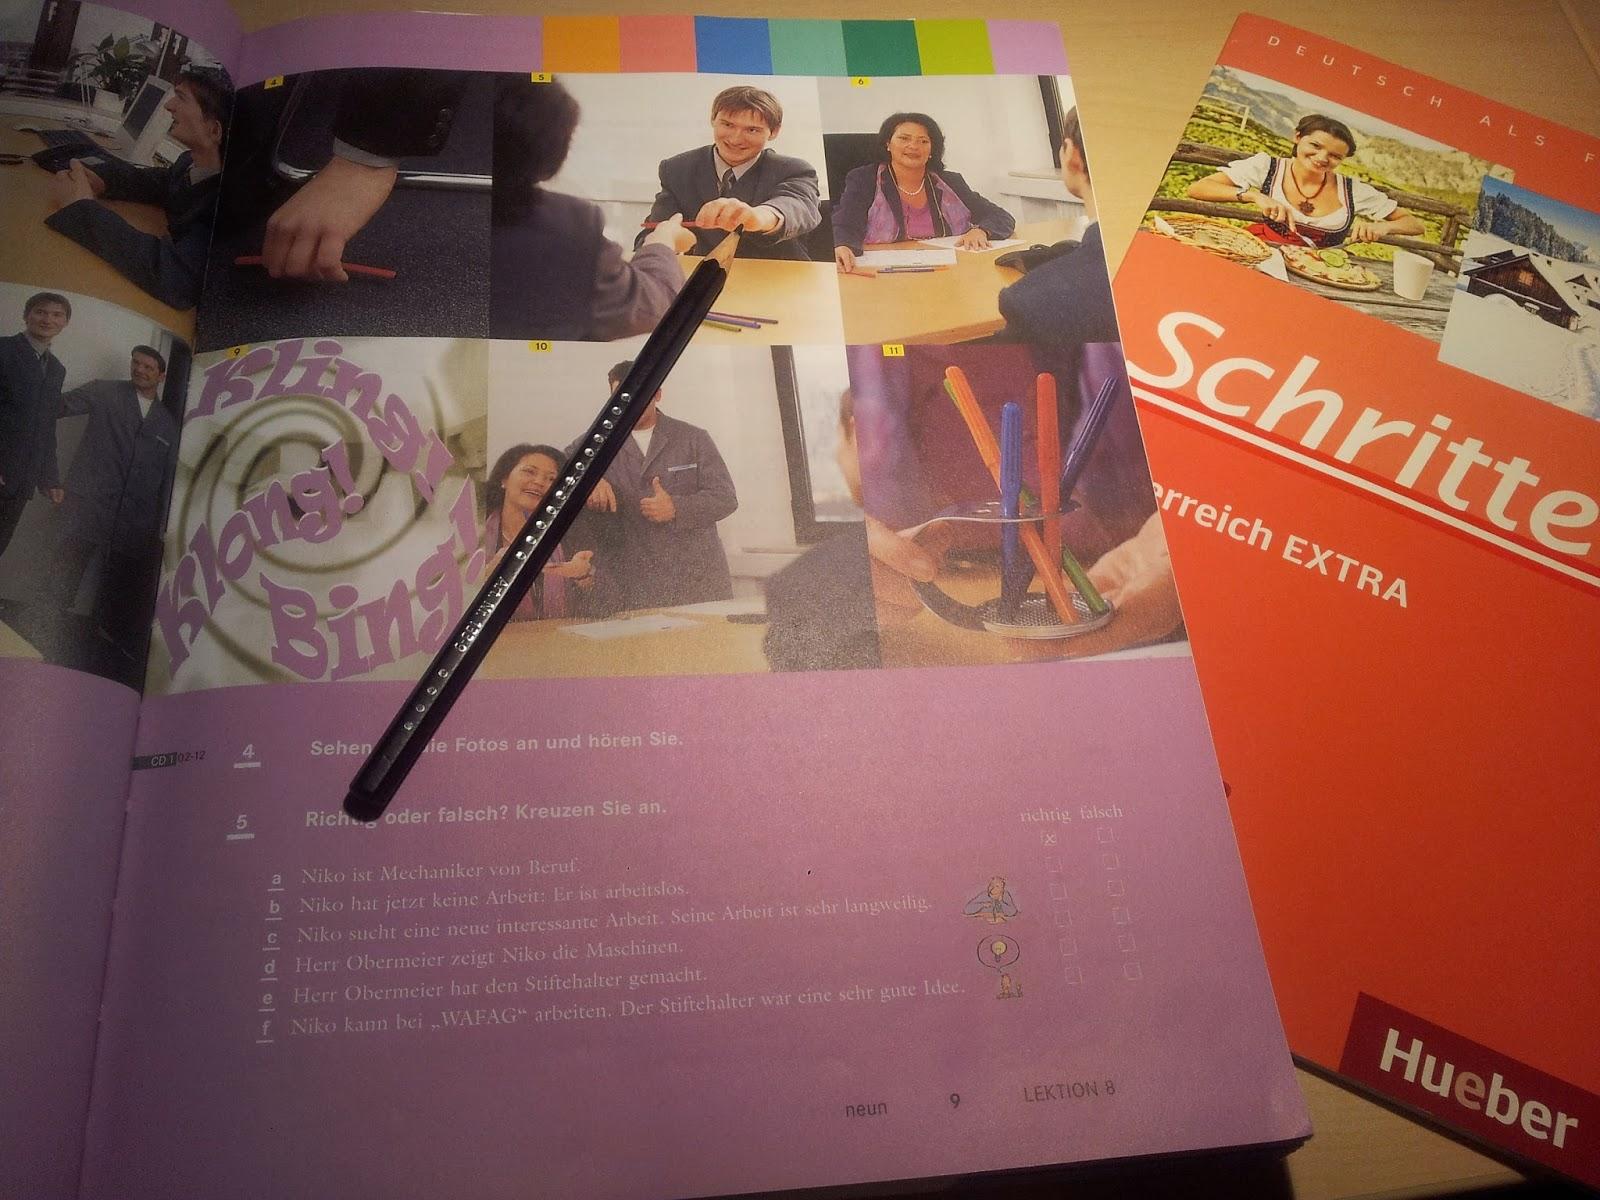 Schritte plus 2 Kursburch + Arbeitsbuch Niveau A1/2 (Hueber)